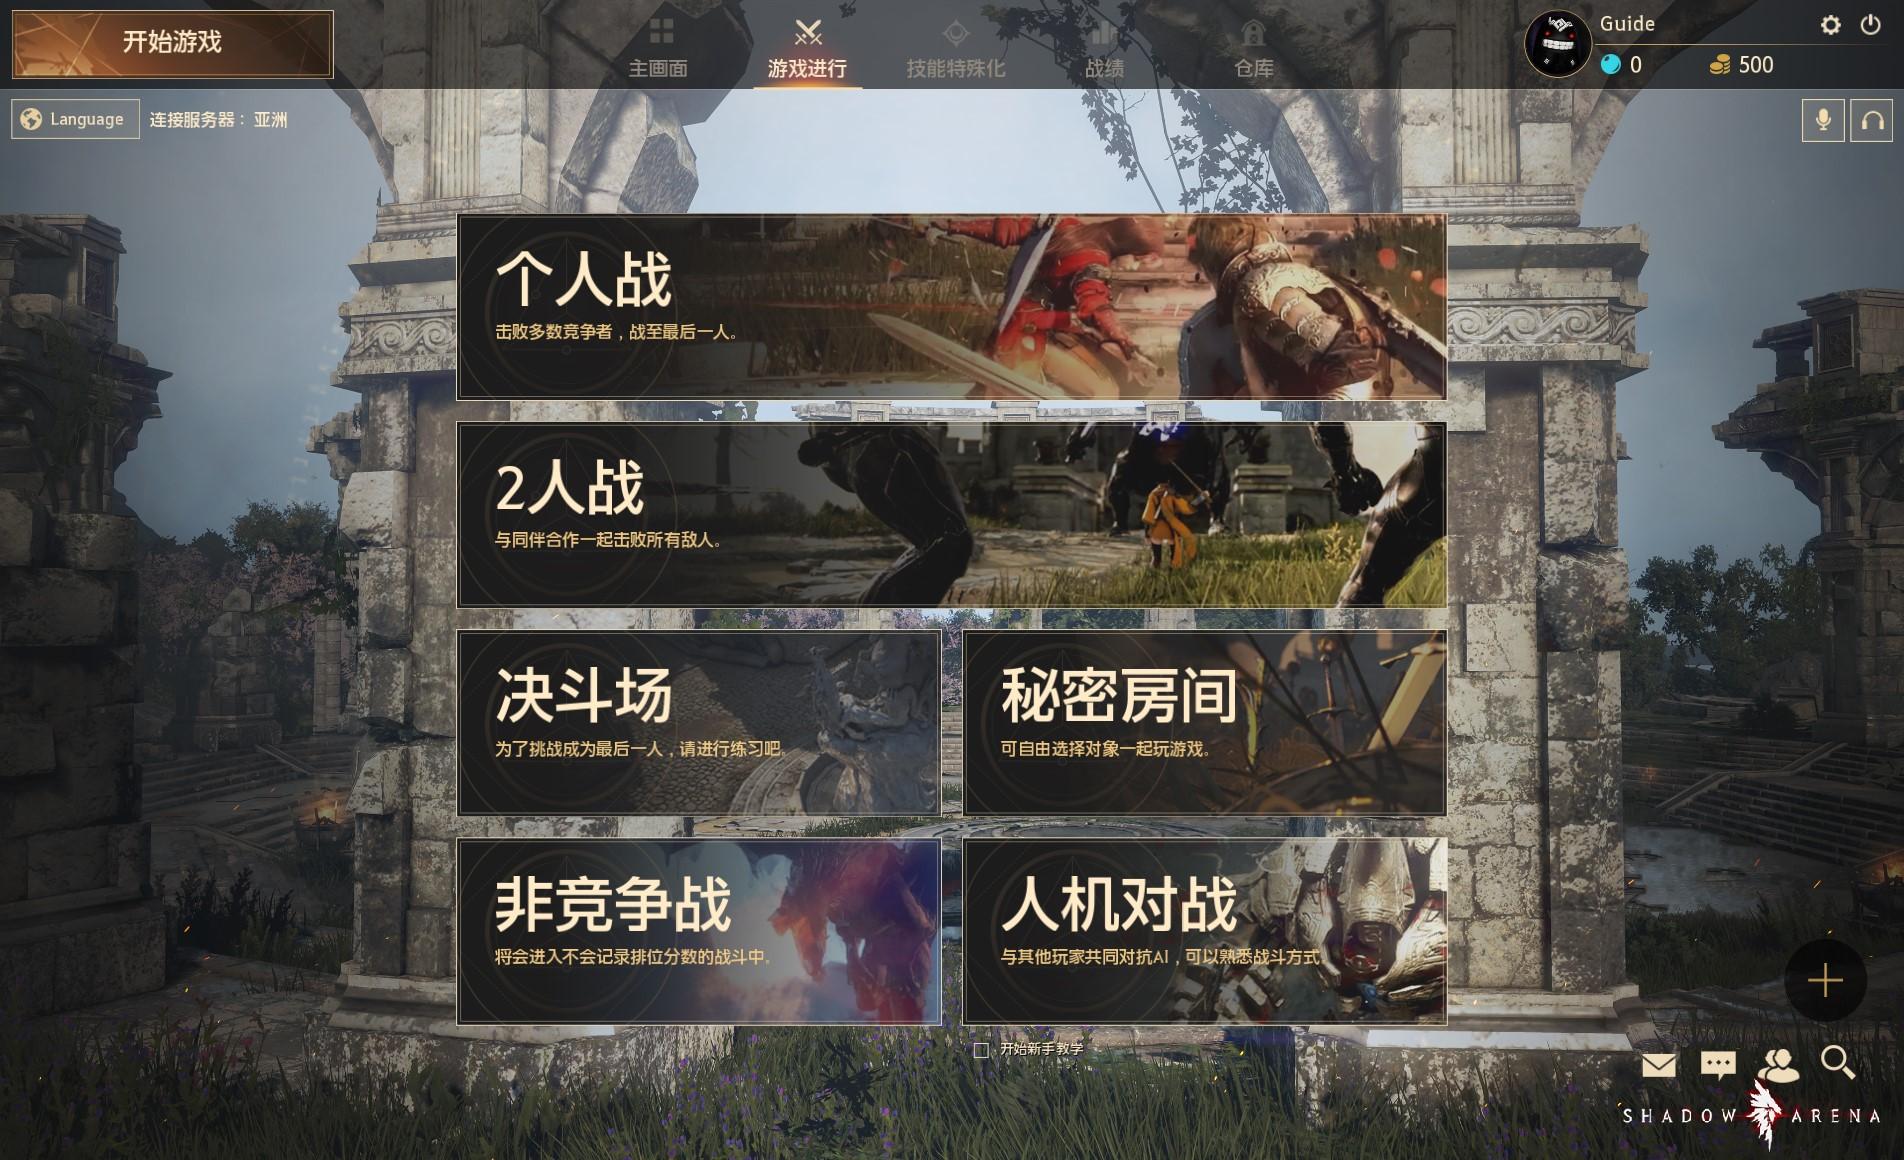 影子战场游戏模式详解 游戏全模式玩法及规则介绍